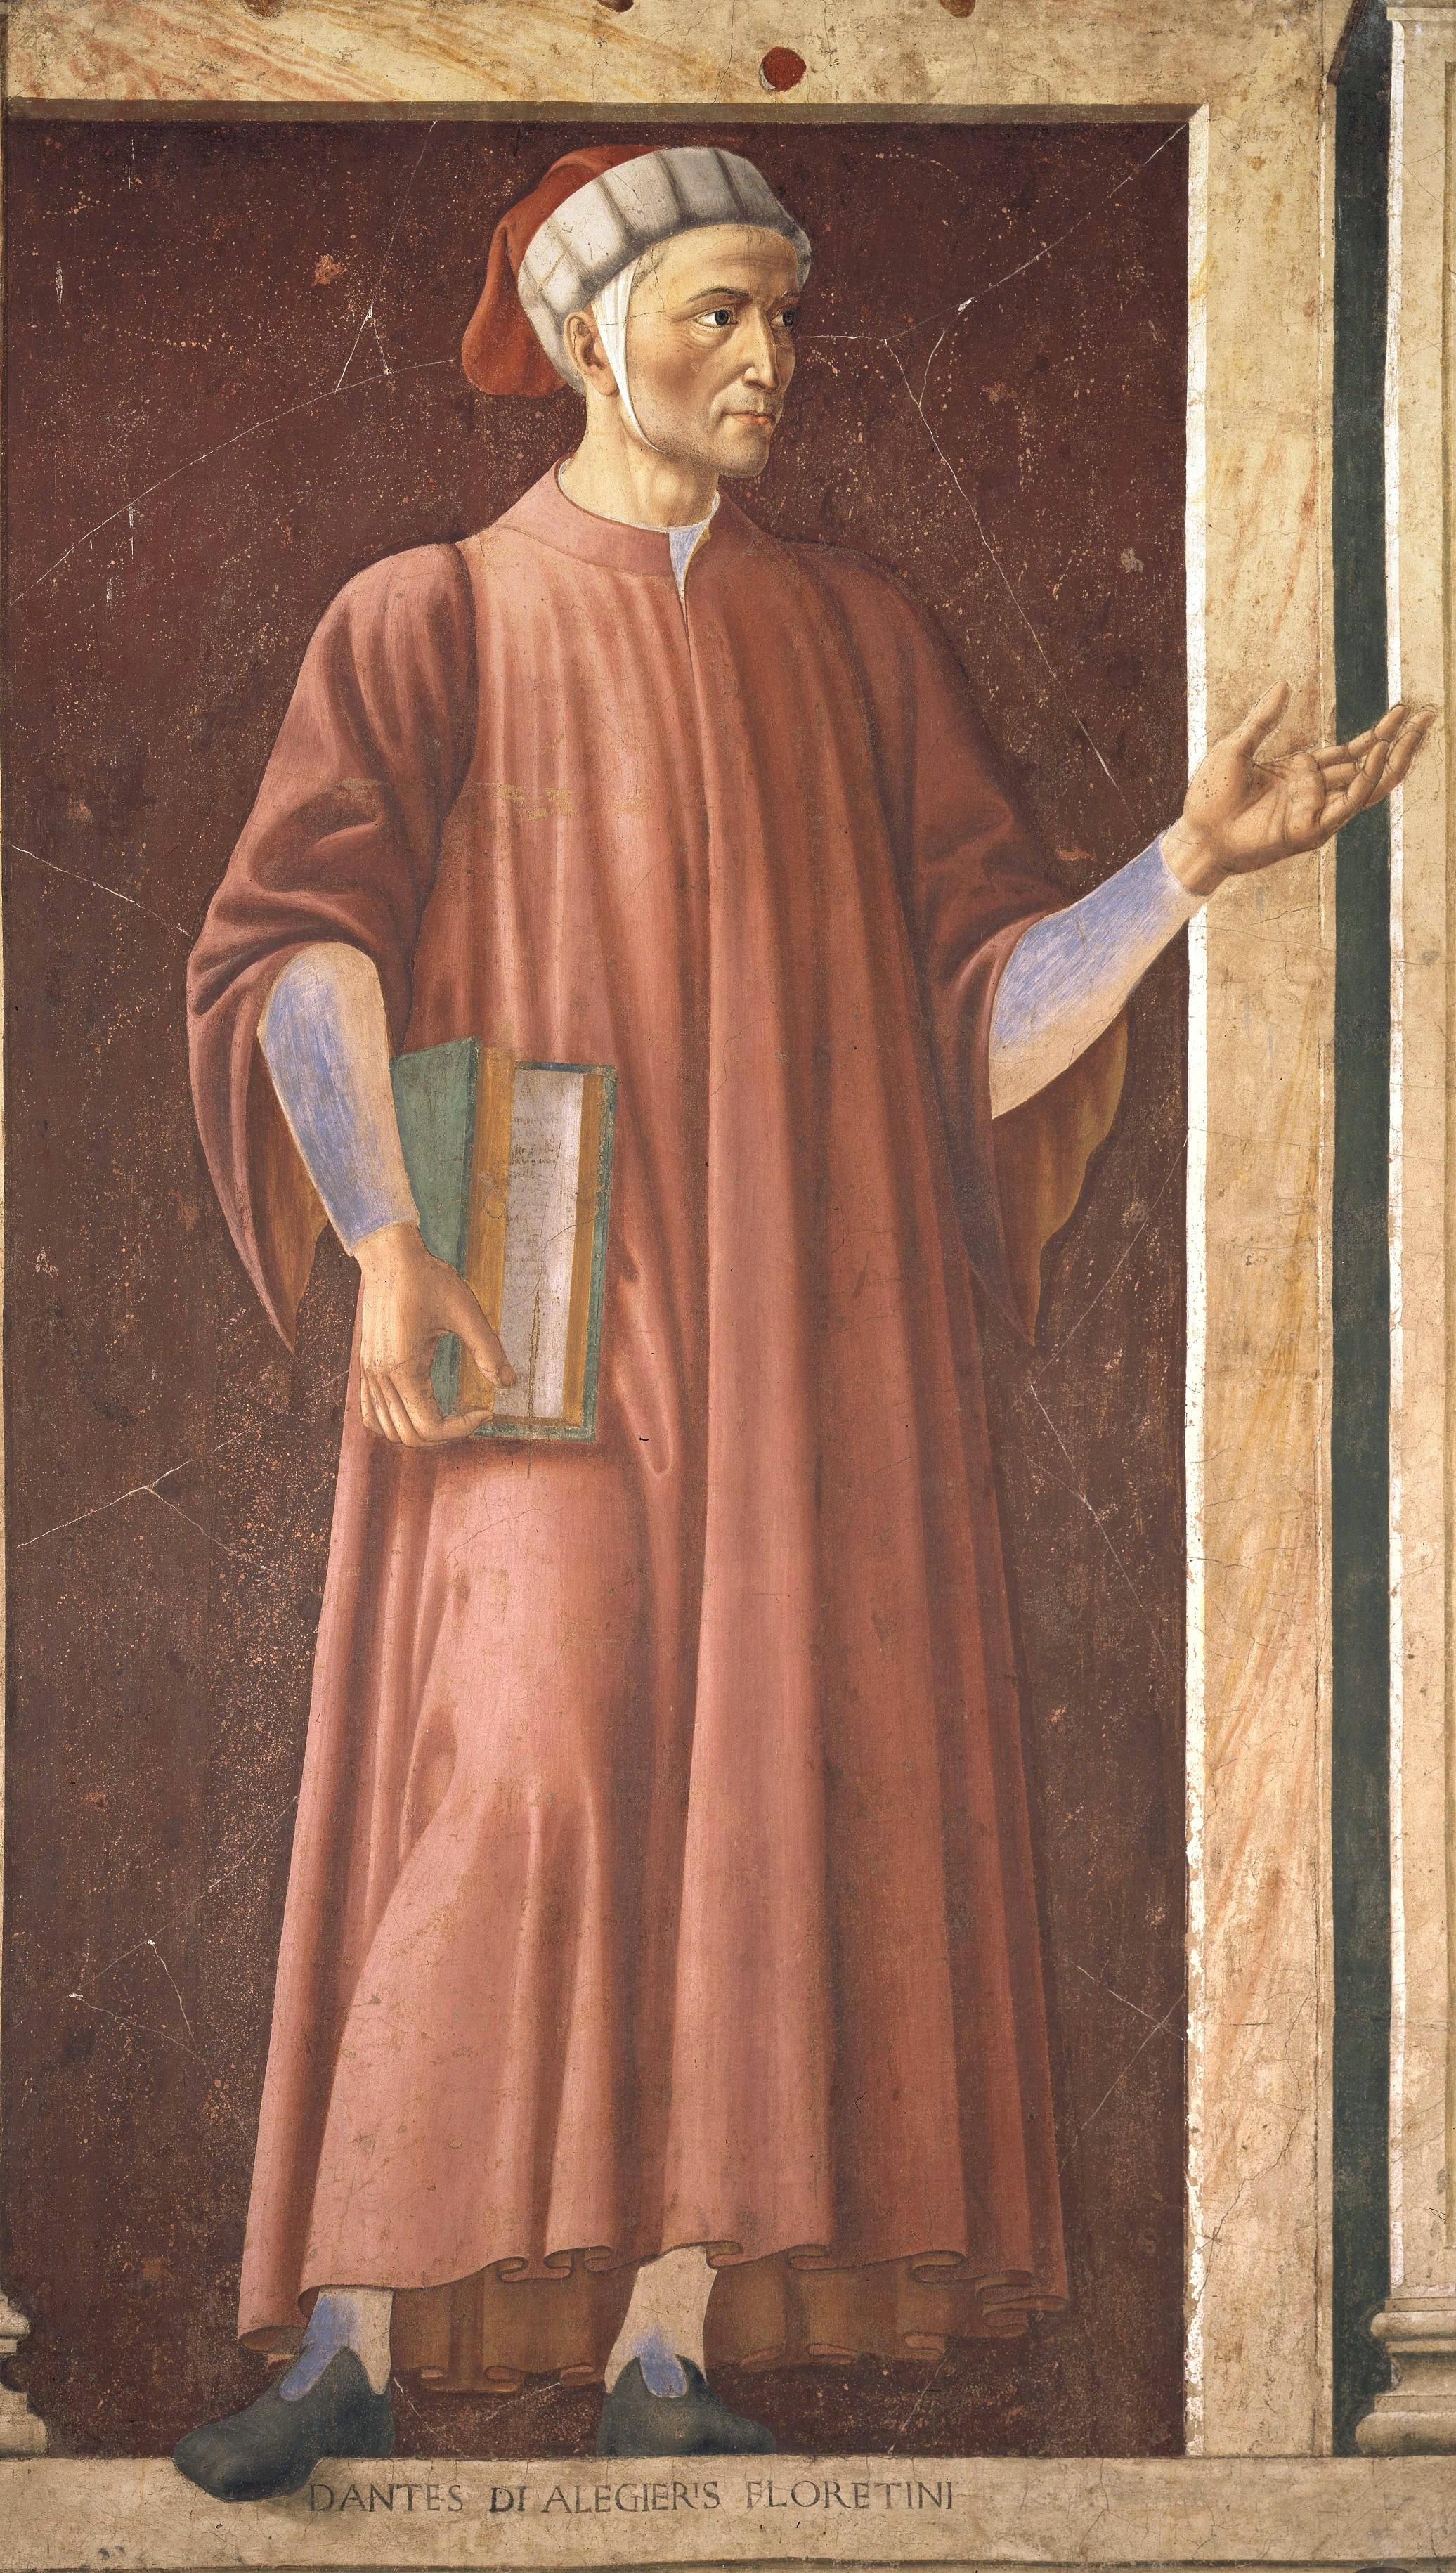 Mural of Dante Alighieri in the Uffizi Gallery, by Andrea del Castagno, c. 1450.